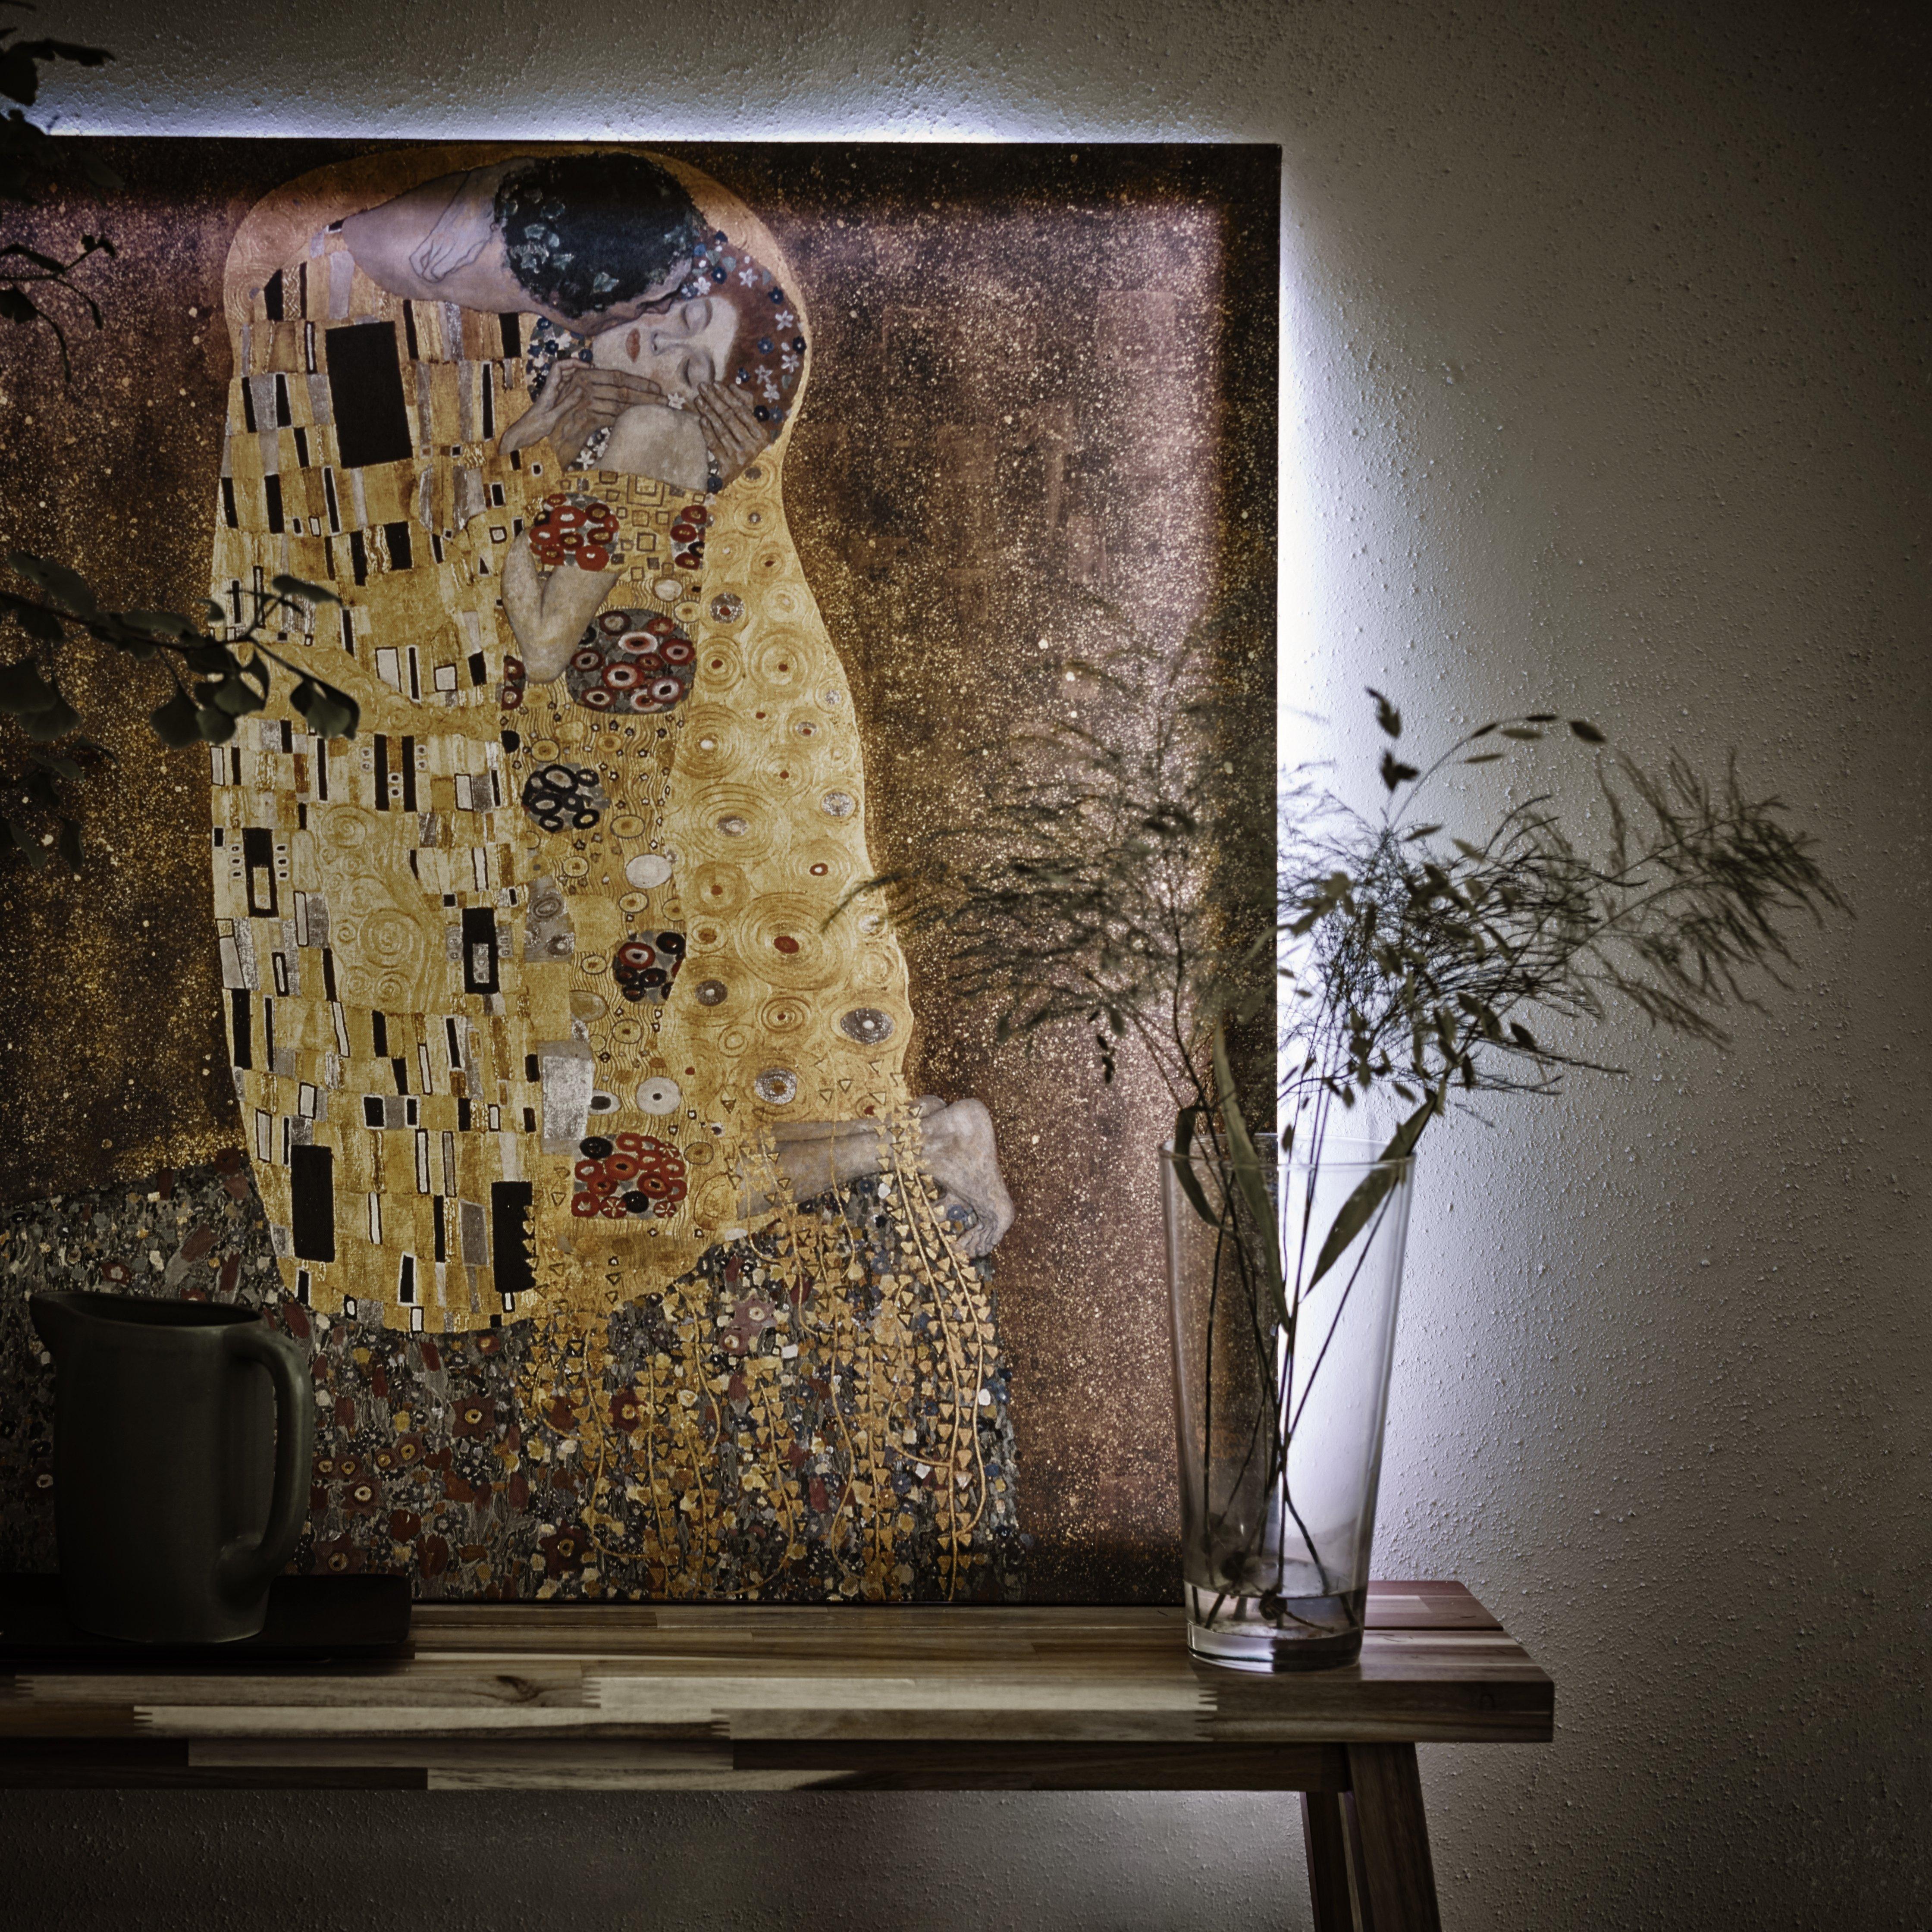 Quadri Classici Per Arredamento come sistemare i quadri sulla parete - cose di casa